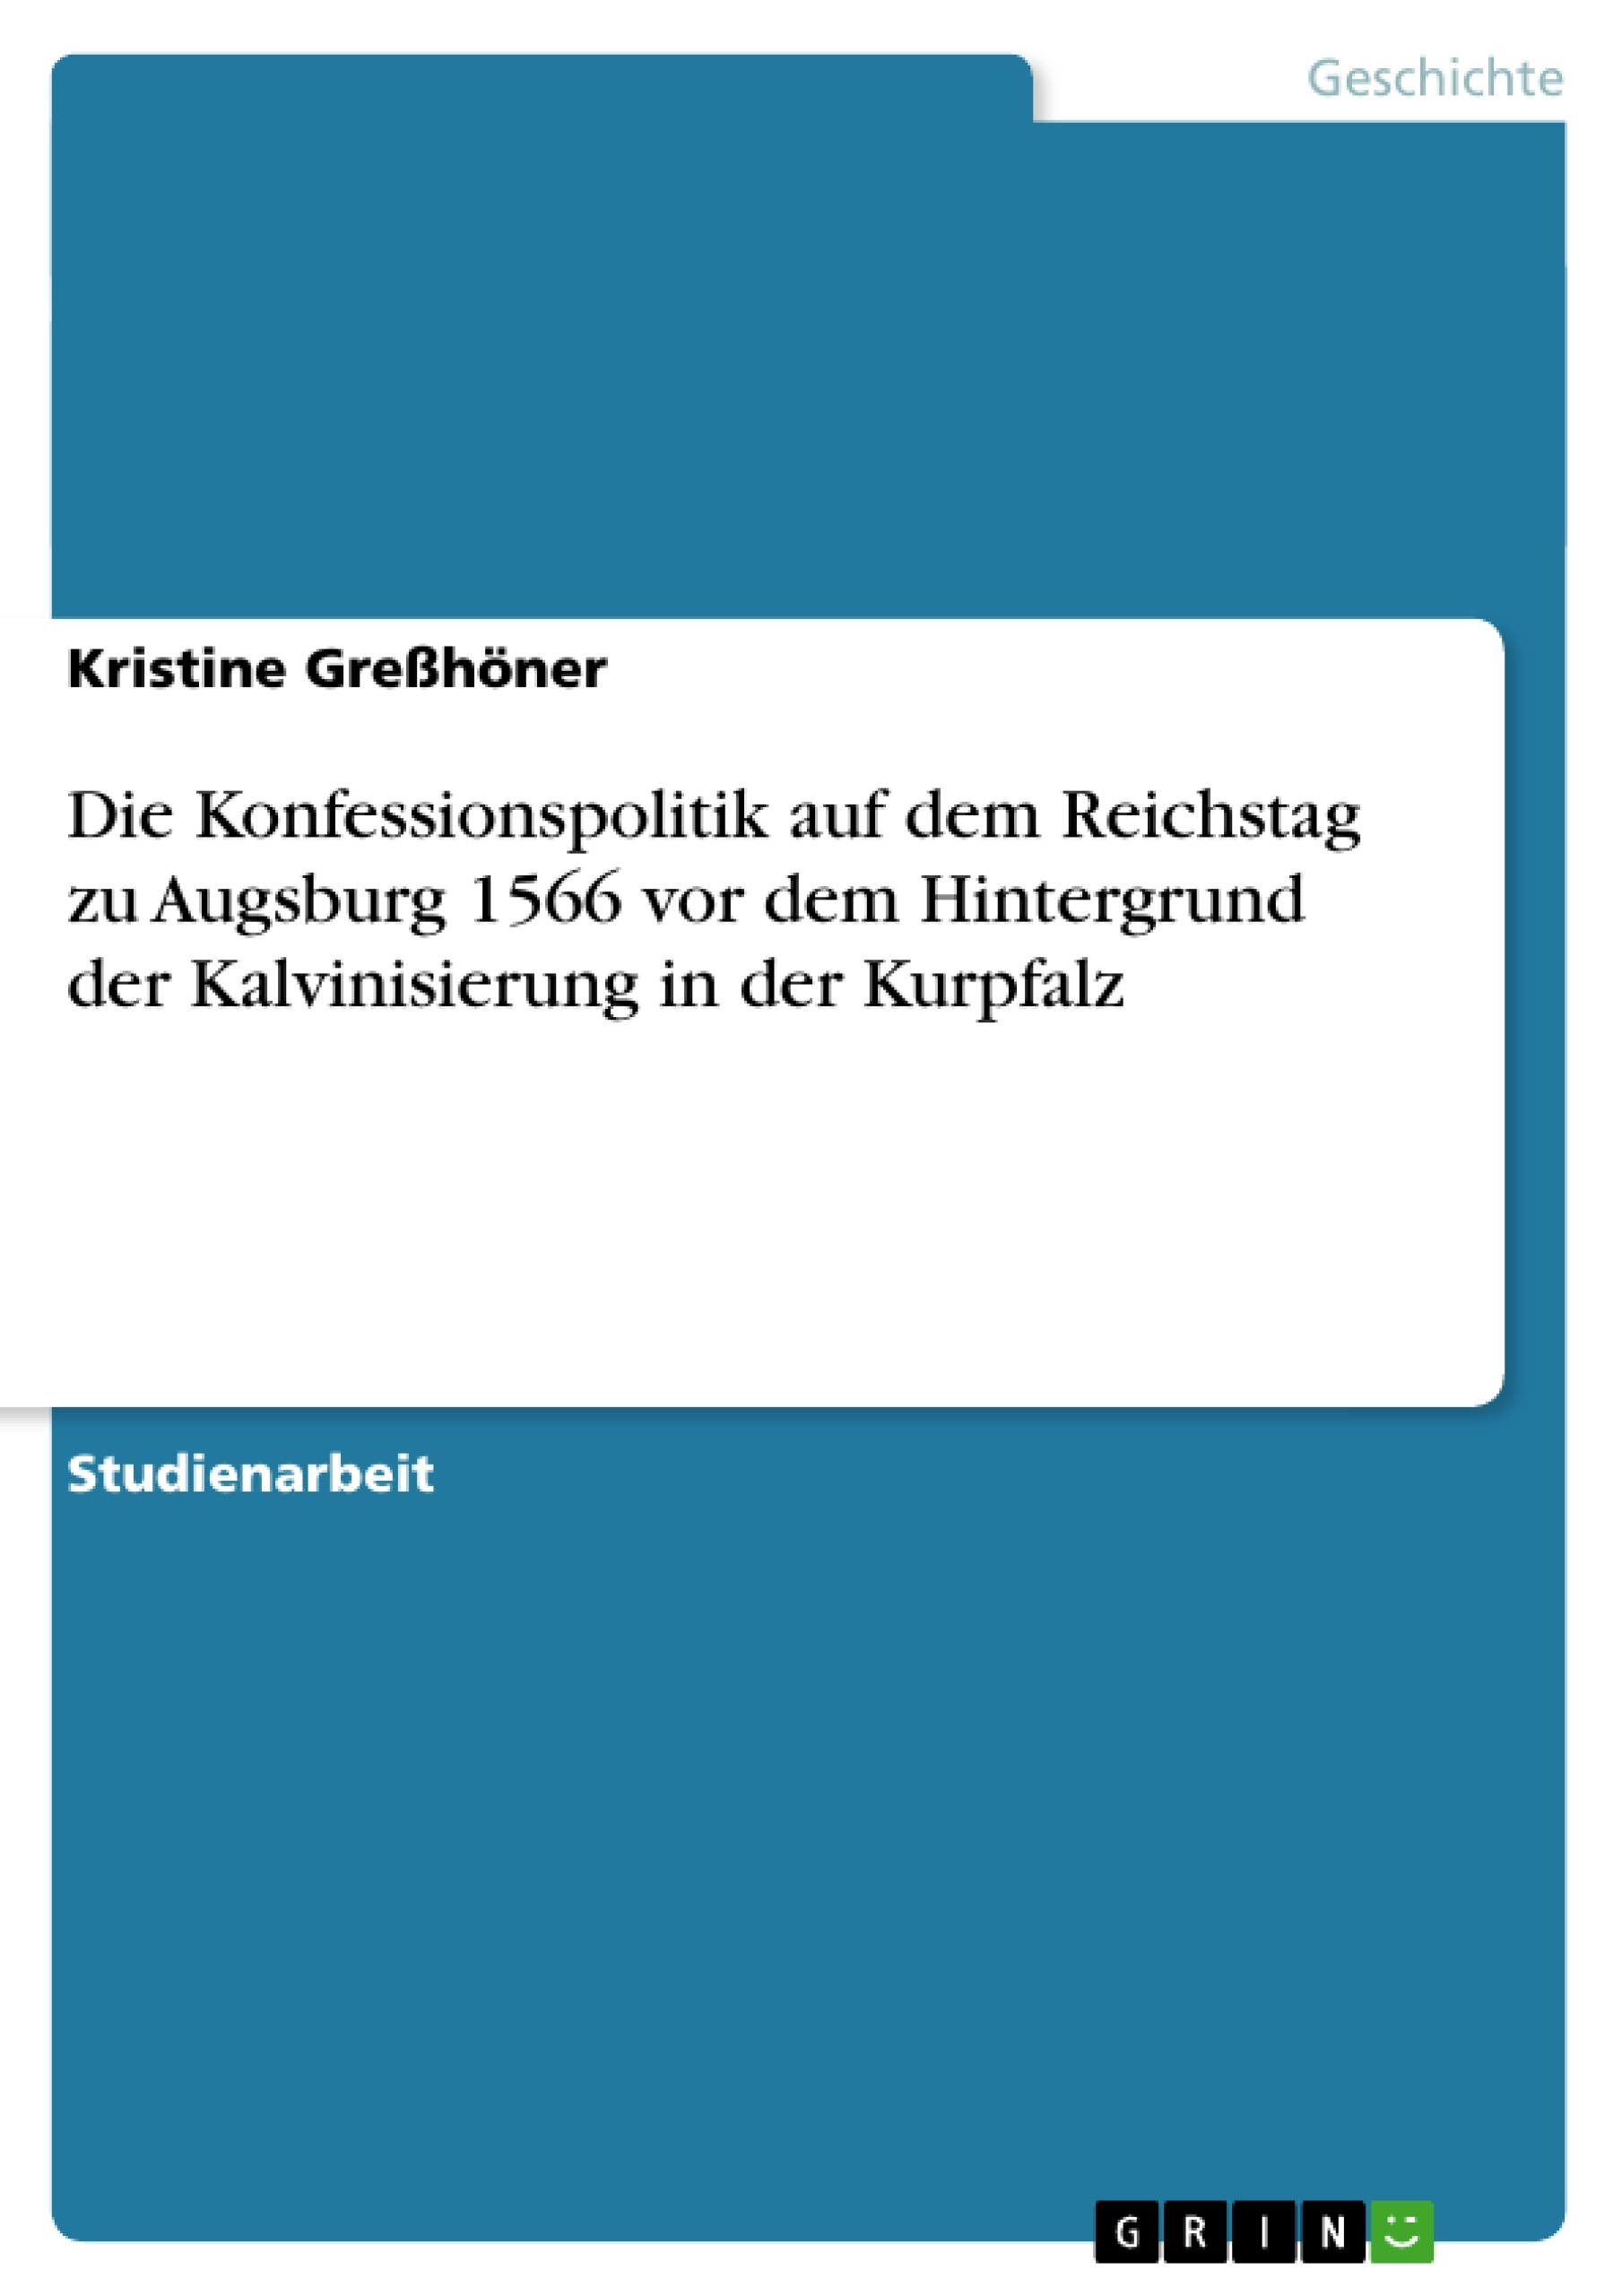 Titel: Die Konfessionspolitik auf dem Reichstag zu Augsburg 1566 vor dem Hintergrund der Kalvinisierung in der Kurpfalz